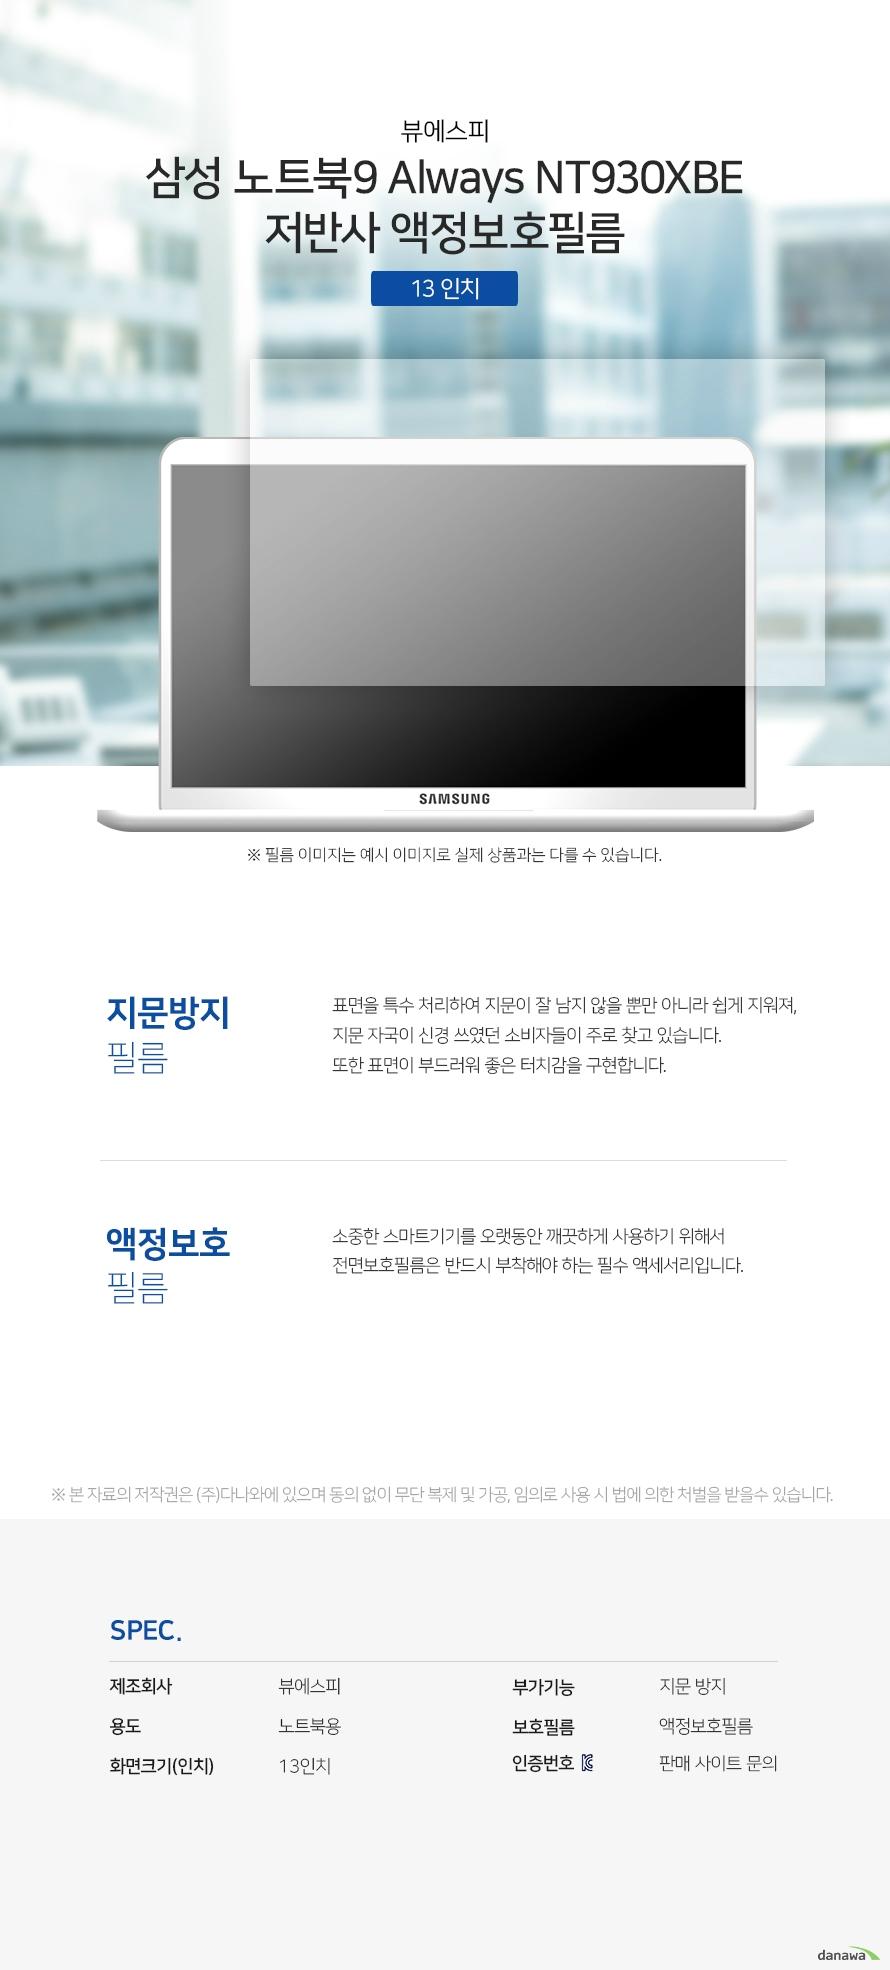 뷰에스피 삼성 노트북9 Always NT930XBE 저반사 액정보호필름 상세 스펙 액정보호용품 / 노트북용 / 액정보호필름 / 13인치 / 지문방지